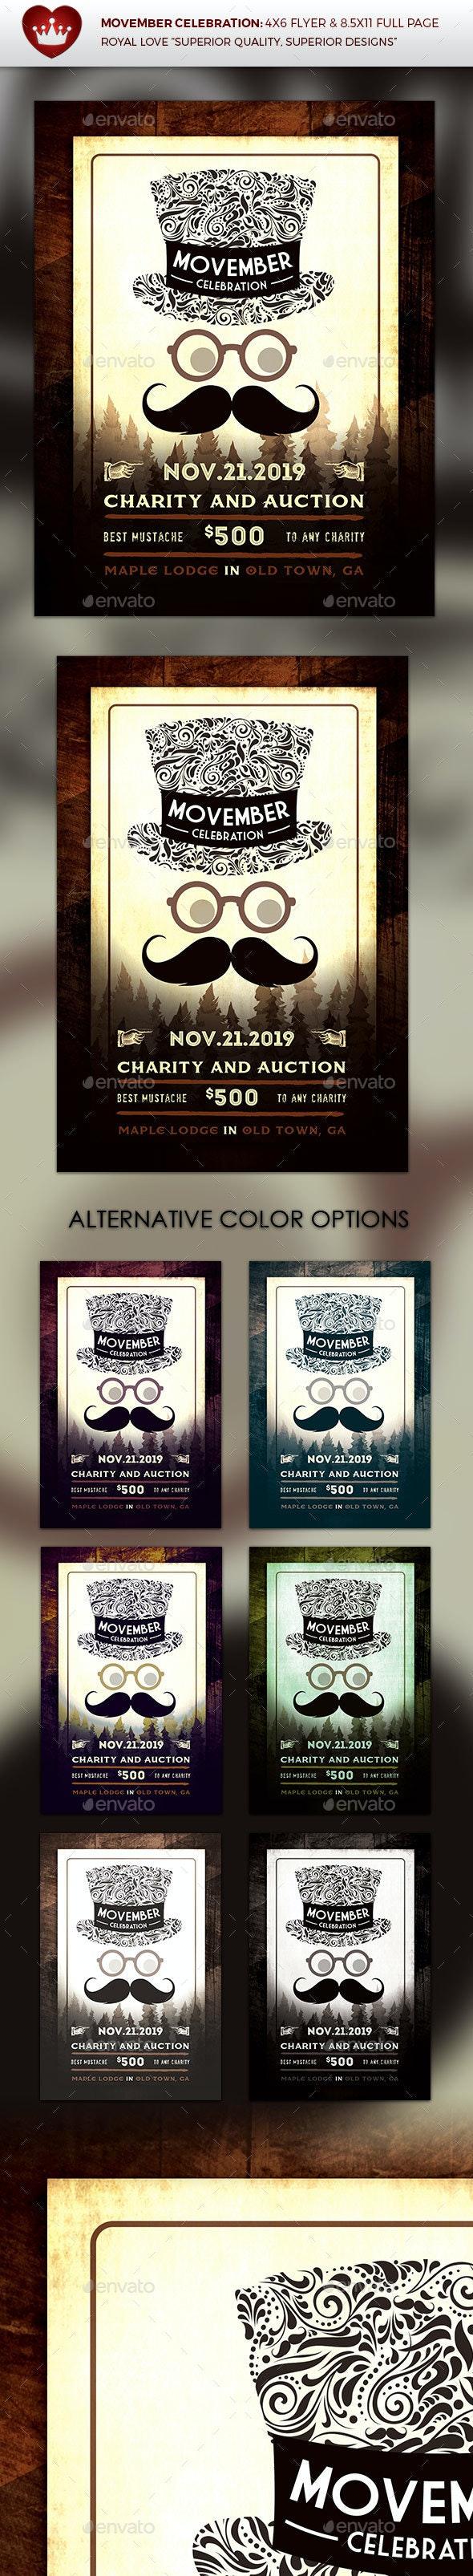 Movember Celebration Flyer - Events Flyers